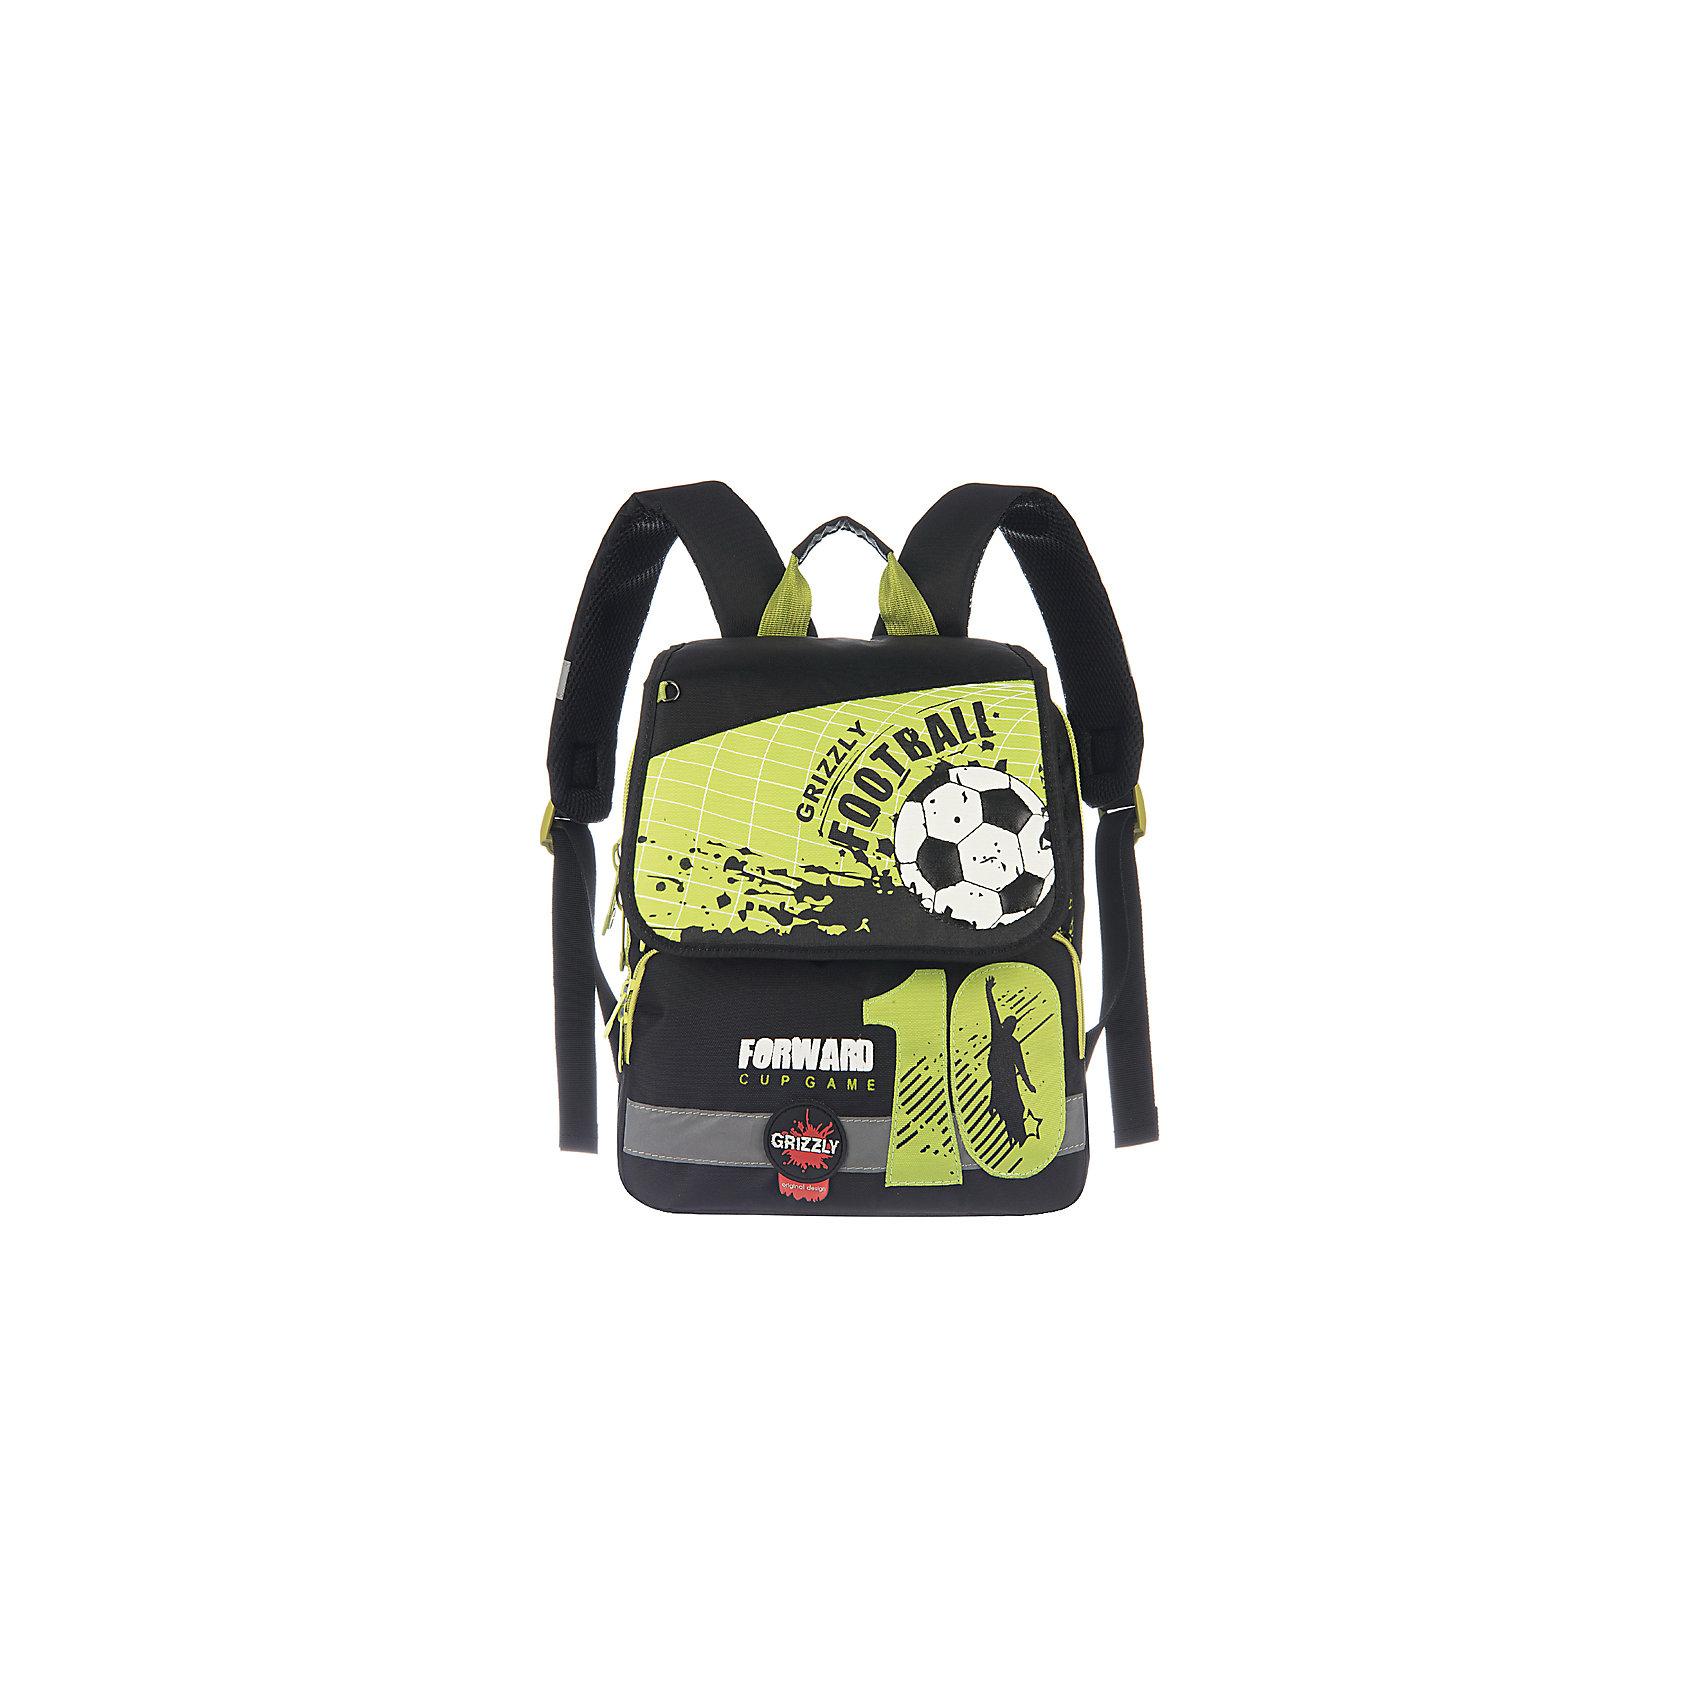 Grizzly Рюкзак школьный салатовыйРюкзаки<br>Школьный рюкзак, салатовый, Grizzly (Гризли) ? рюкзак отечественного бренда Гризли школьной серии.  Рюкзак  выполнен из нейлона высокого качества, что обеспечивает, с одной стороны, легкий вес, а с другой ? надежность и прочность. Все швы выполнены капроновыми нитками, что делает швы особенно крепкими и устойчивыми к износу даже в течение нескольких лет. <br>Внутреннее устройство рюкзака состоит из двух вместительных отсеков и клапана на липучке. На передней стенке имеются два объемных кармана, застегивающихся на молнию. Удобство и эргономичность рюкзака создается за счет жесткой анатомической спинки, укрепленных лямок и мягкой укрепленной ручки. Также имеется дополнительная ручка-петля. С четырех сторон рюкзака имеются светоотражающие элементы. В комплекте с рюкзаком идет игрушка-брелок. Уникальность рюкзаков Grizzly заключается в том, что анатомическая спинка изготовлена из специальной ткани, которая пропускает воздух, тем самым защищает спину от повышенного потоотделения.<br>Все рюкзаки школьной серии Grizzly (Гризли) имеют оригинальный современный дизайн. Школьный рюкзак, салатовый, Grizzly (Гризли) выполнен в черном цвете с салатовыми элементами. Передний карман украшен большой яркой аппликацией.<br>Школьный рюкзак, салатовый, Grizzly (Гризли) ? это качество материалов, удобство, стиль и долговечность использования. <br><br>Дополнительная информация:<br><br>- Вес: 900 г<br>- Габариты (Д*Г*В): 29*18*35 см<br>- Цвет: черный, салатовый, белый<br>- Материал: нейлон <br>- Сезон: круглый год<br>- Коллекция: школьная <br>- Год коллекции: 2016 <br>- Пол: мужской<br>- Предназначение: для школы<br>- Особенности ухода: можно чистить влажной щеткой или губкой, допускается ручная стирка<br><br>Подробнее:<br><br>• Для школьников в возрасте: от 6 лет и до 10 лет<br>• Страна производитель: Китай<br>• Торговый бренд: Grizzly<br><br>Школьный рюкзак, бежевый, Grizzly (Гризли) можно купить в нашем интернет-магазине.<br><br>Ширина мм: 290